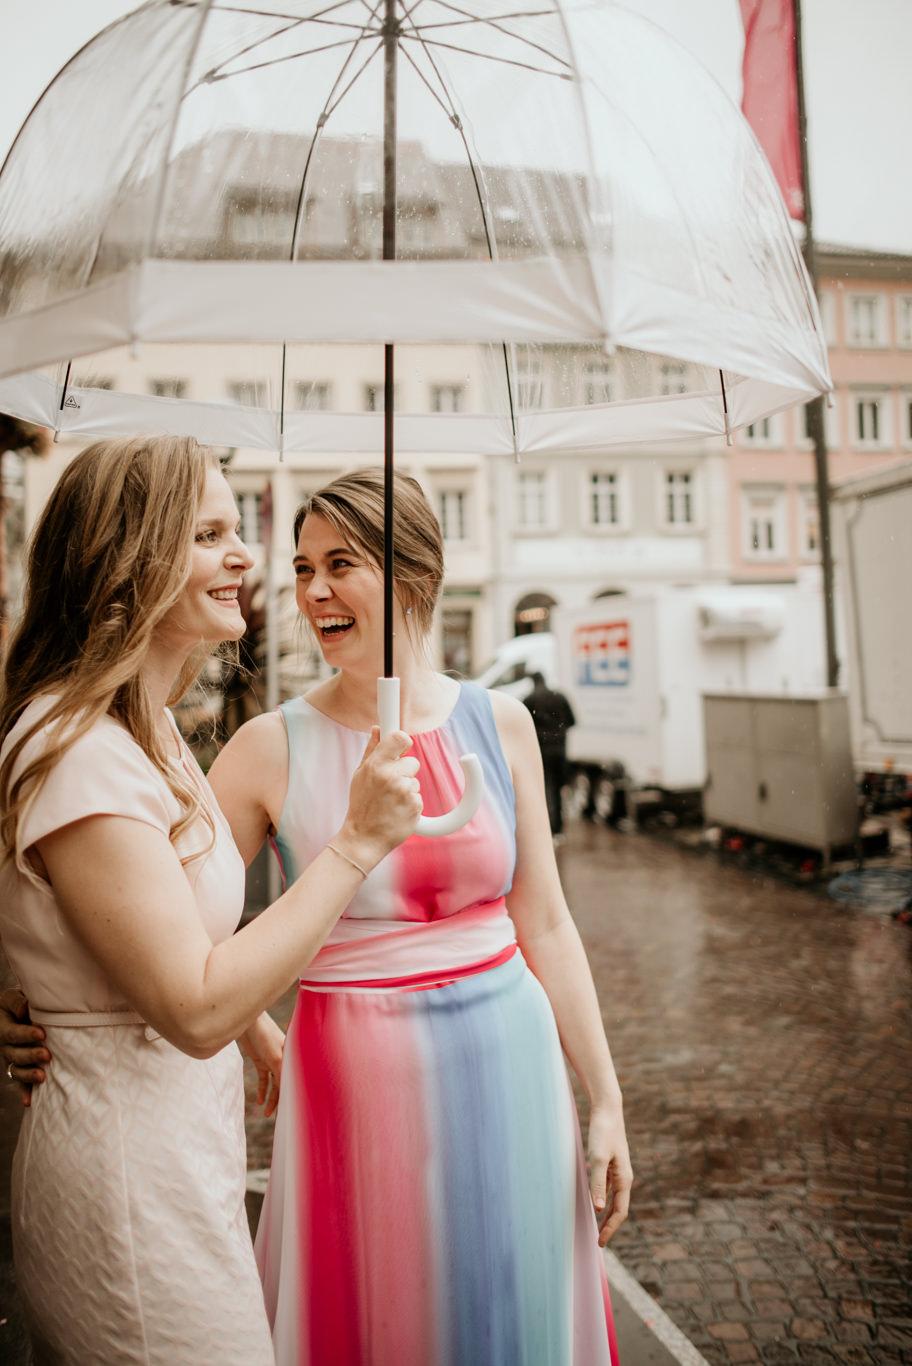 gleichgeschlechtliche Hochzeit, Heidelberg, same sex wedding, Mannheim, Fotograf, Bilder, Hochzeitsfotograf, lesbische Hochzeit, Umwandlung, Rathaus Heidelberg, Frauen, heiraten, Hochzeitsbilder, Hochzeitsfotos, Preise